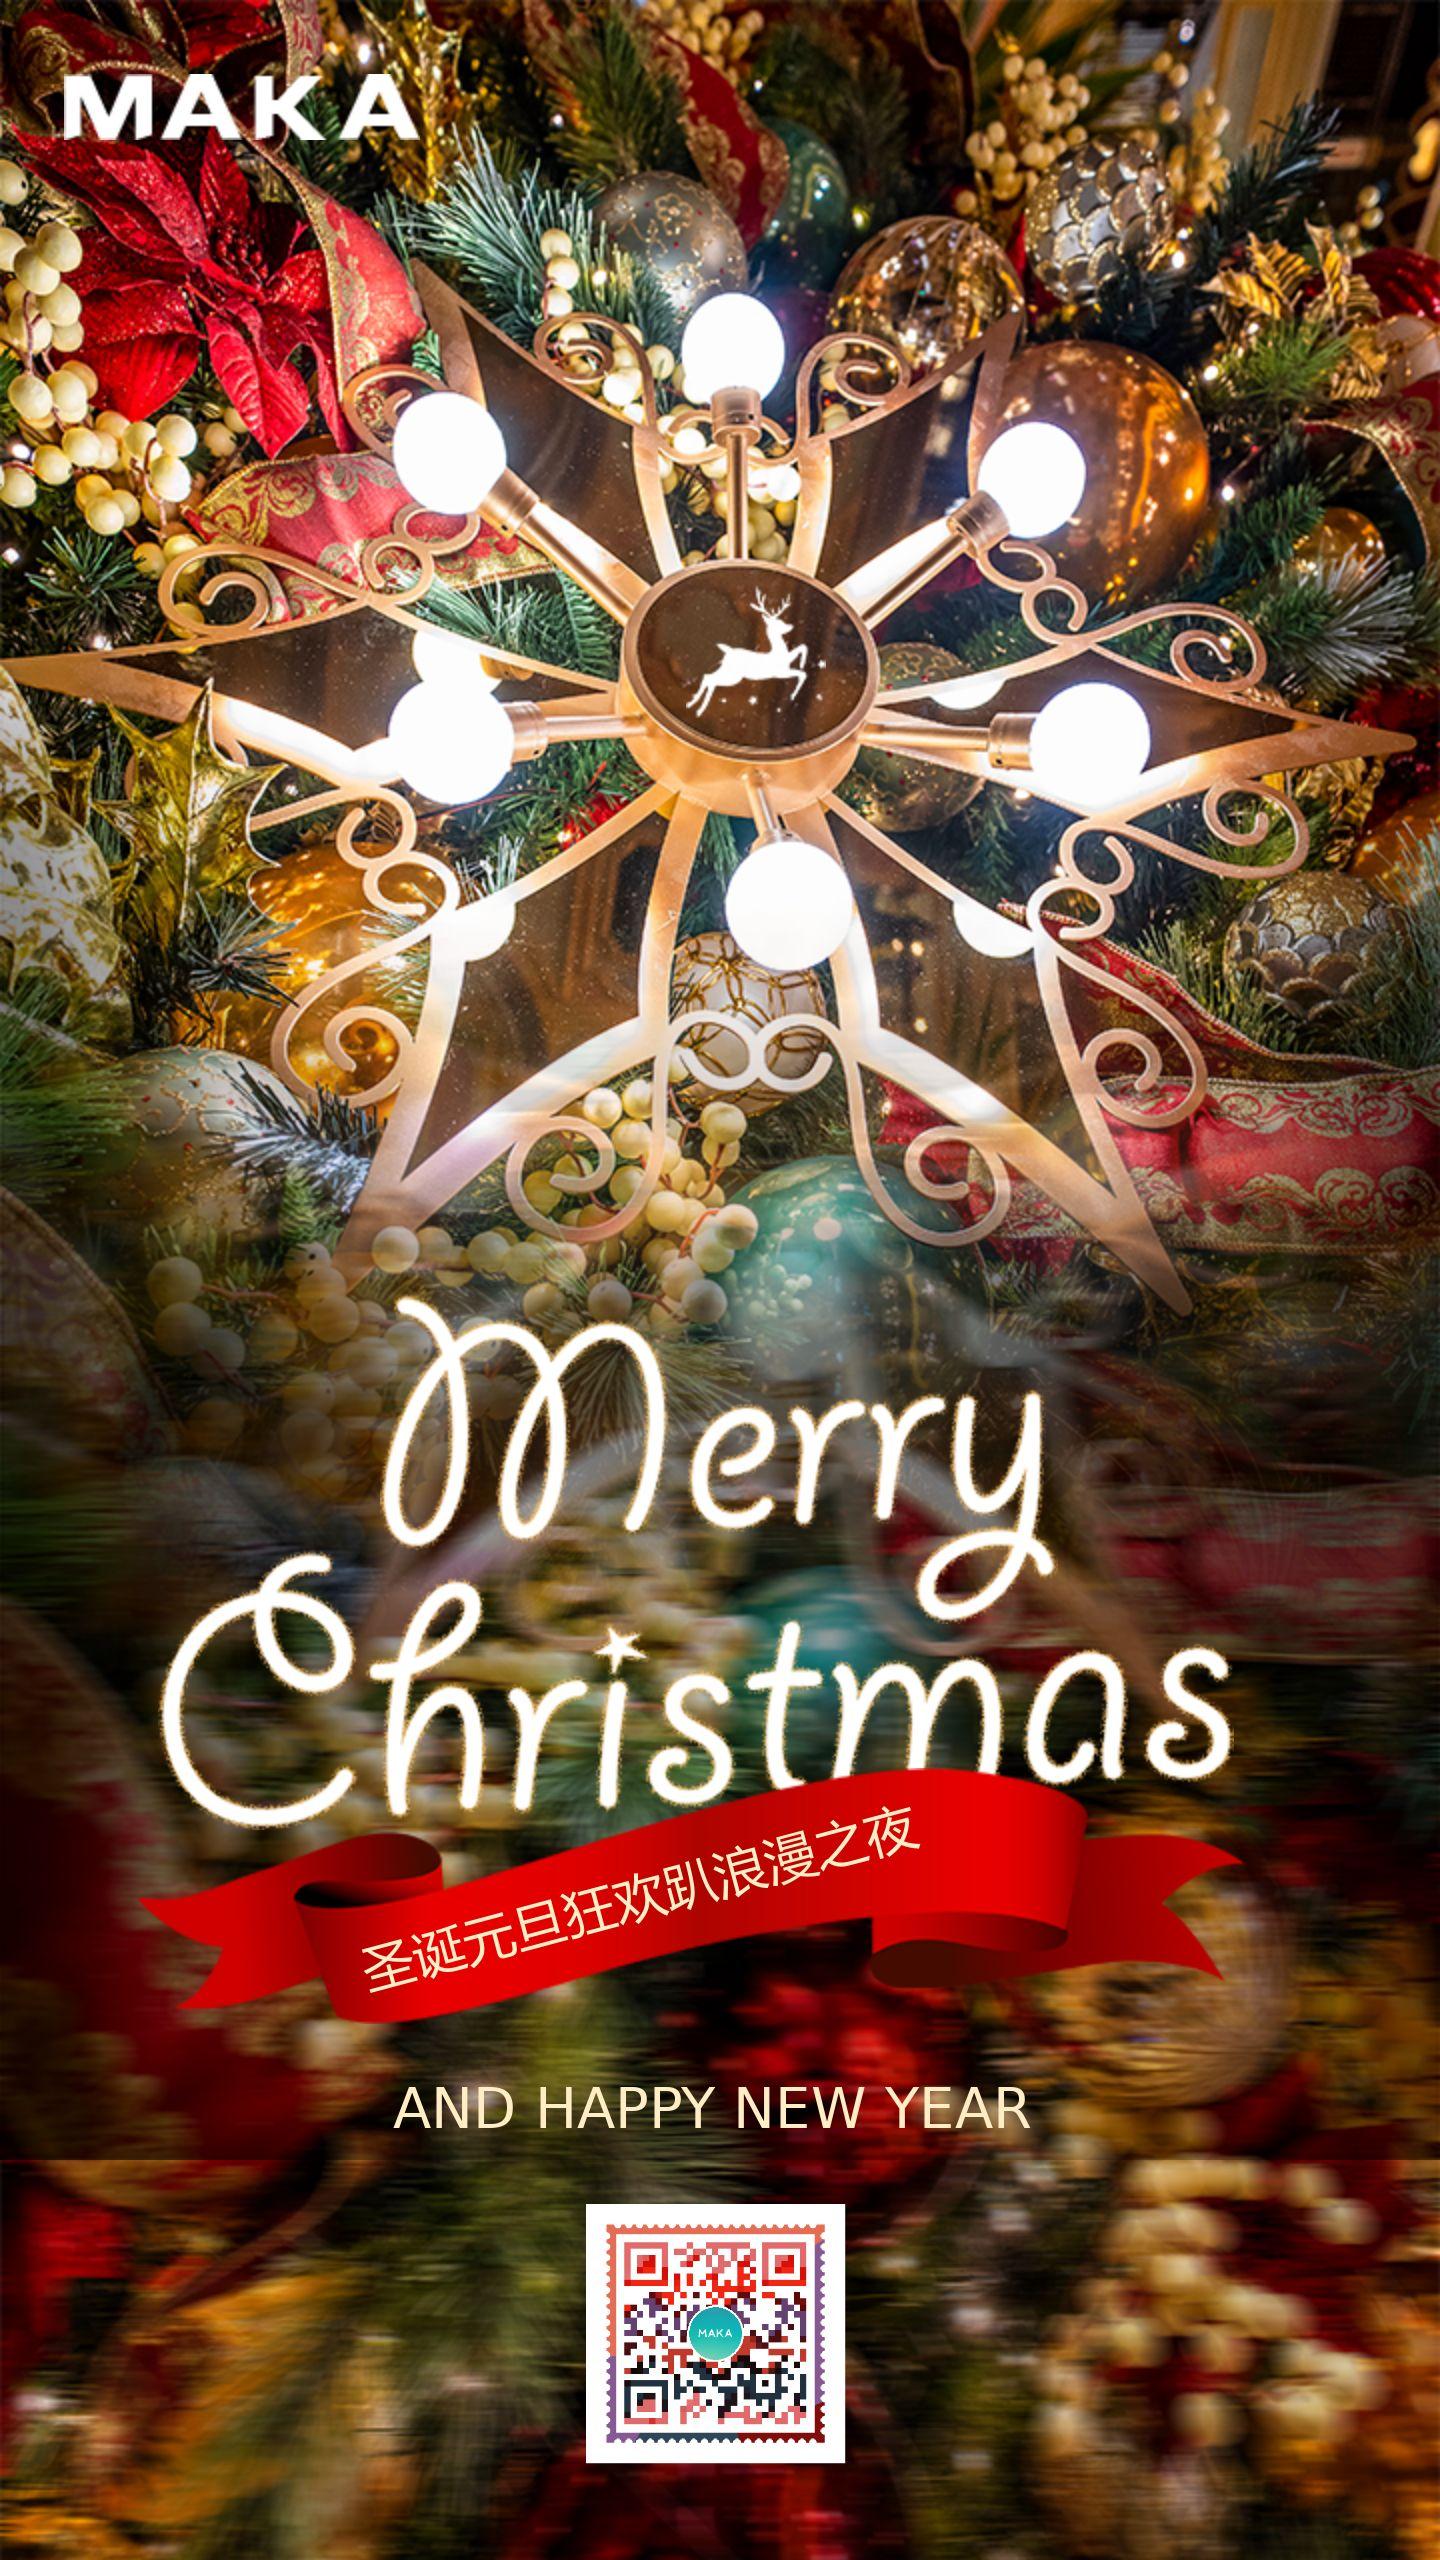 唯美浪漫圣诞节宣传海报